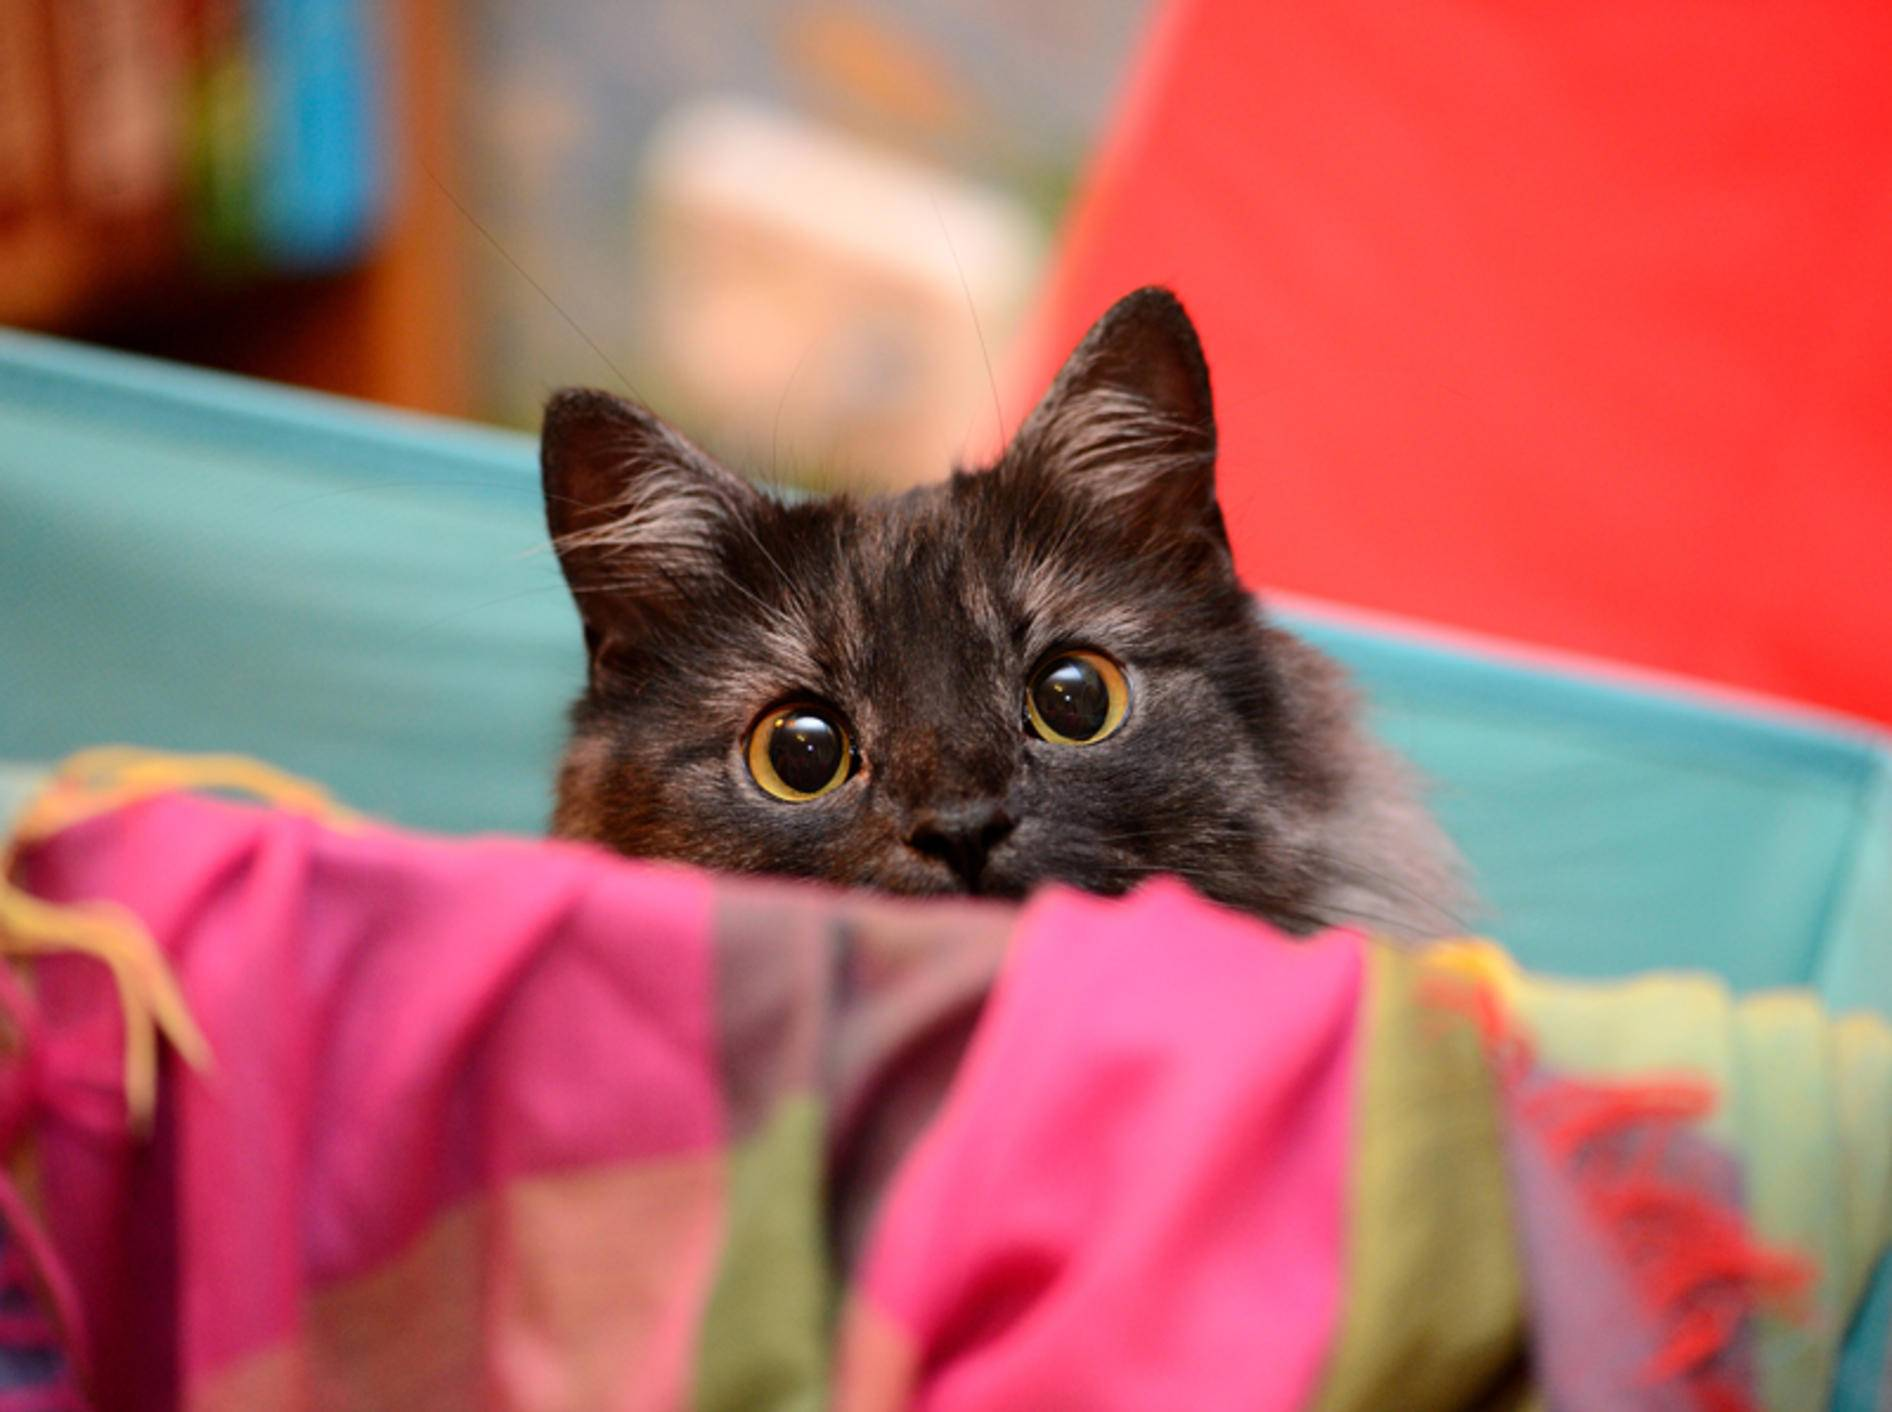 """""""Halloooo! Hier bin ich! Beachte mich! Spiel mit mir!"""": Katzen wissen ganz genau, wie sie ihre Lieblingsmenschen bezirzen können – Shutterstock / The Len"""